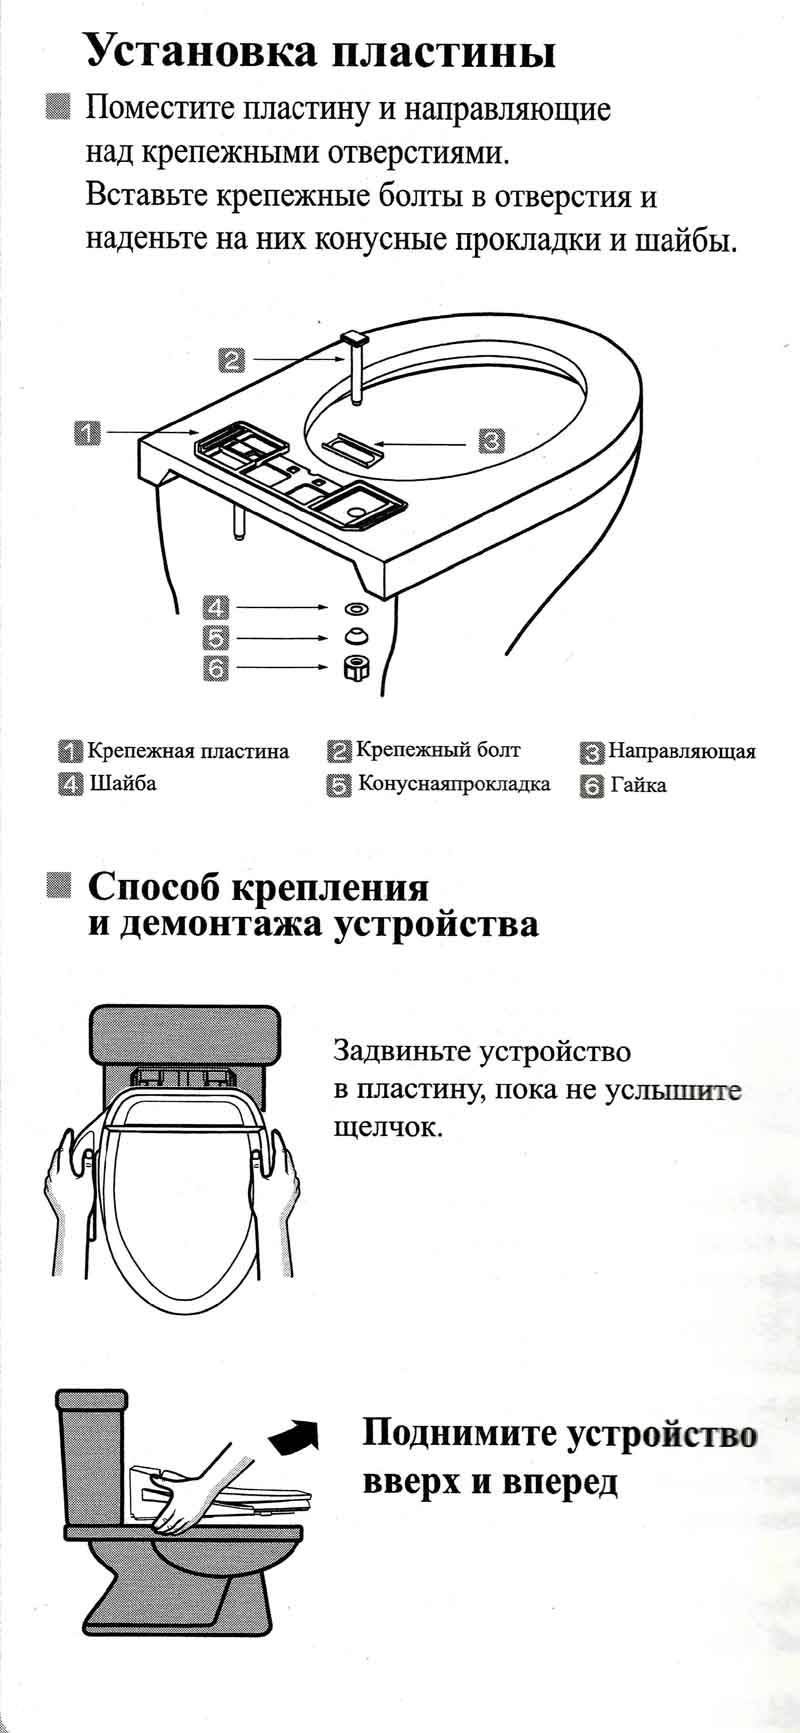 Как установить бачок на унитаз - установка и подключение к коммуникациям